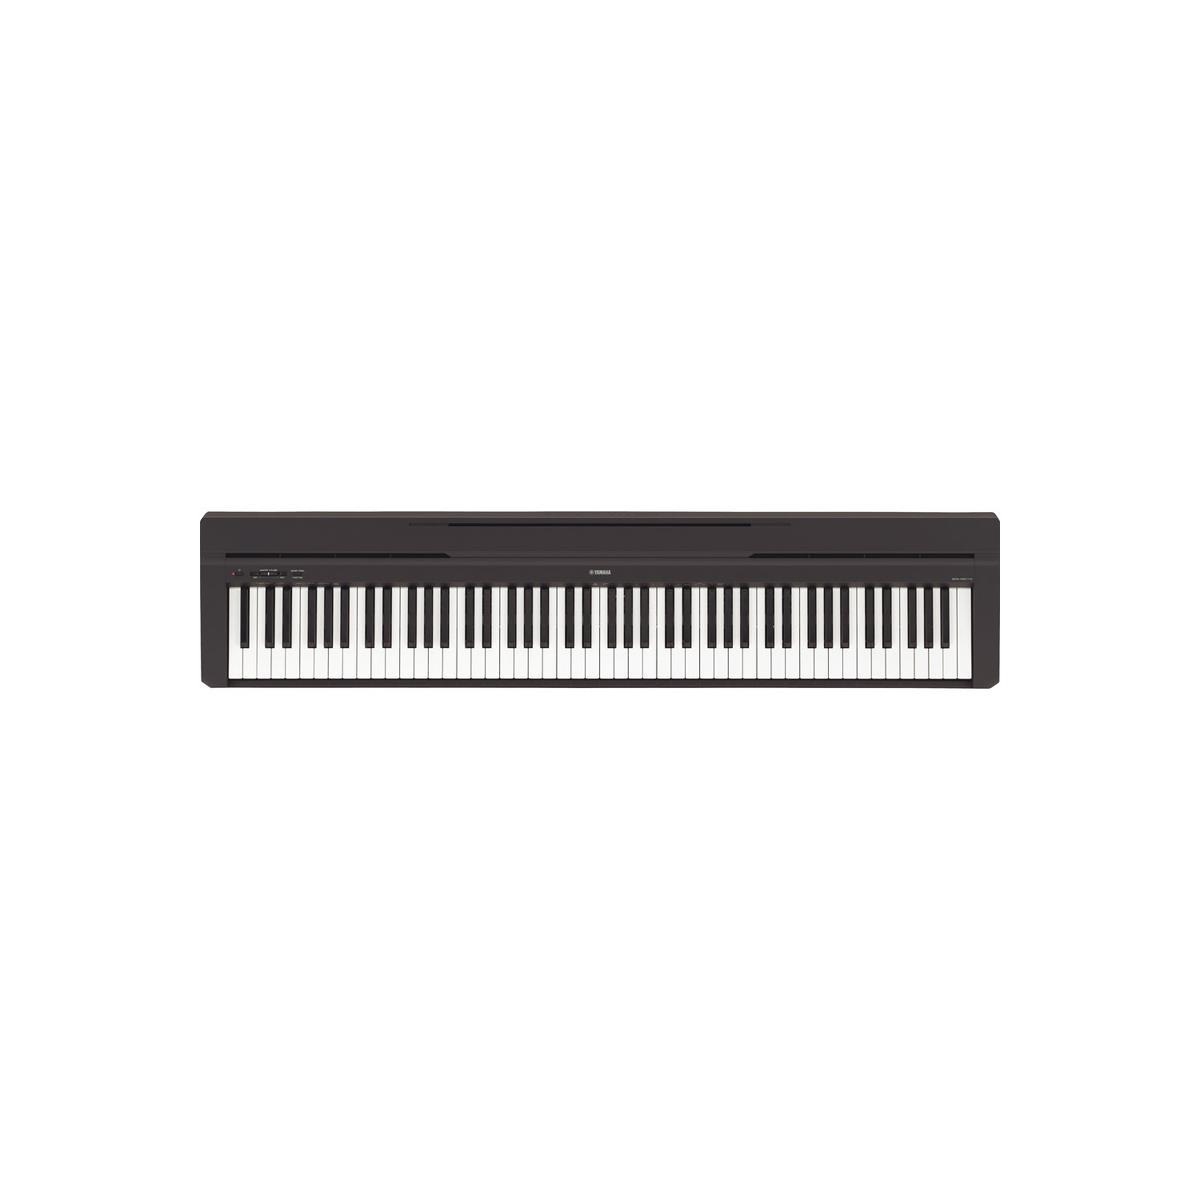 Yamaha 88-Key Digital Piano: P-115 $479 or P-45  $340 + Free Shipping